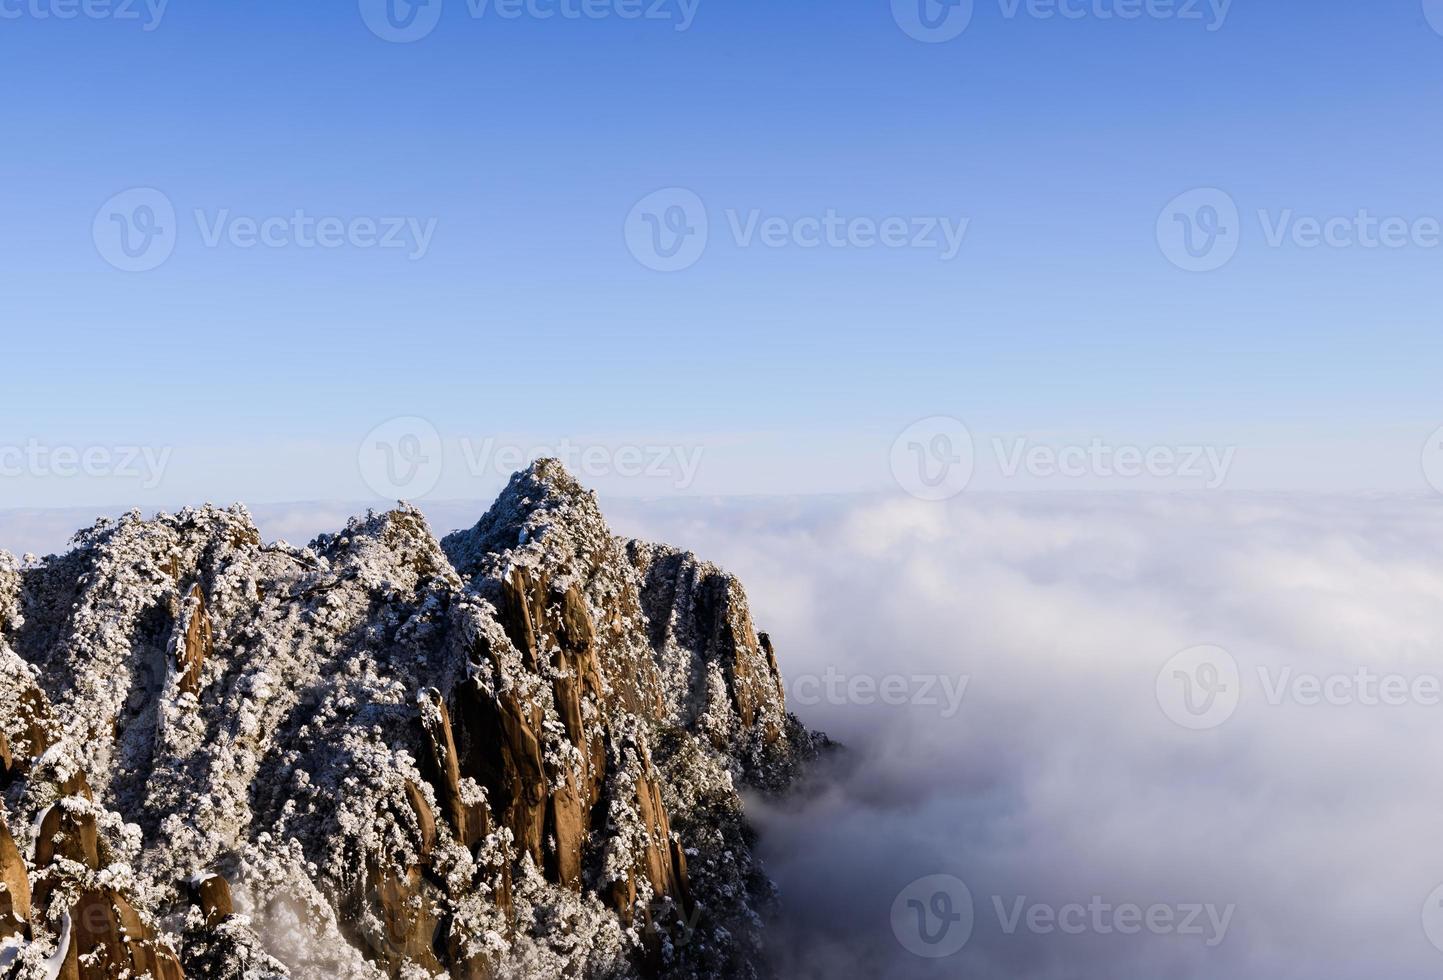 nieve de invierno, el paisaje de montaña foto